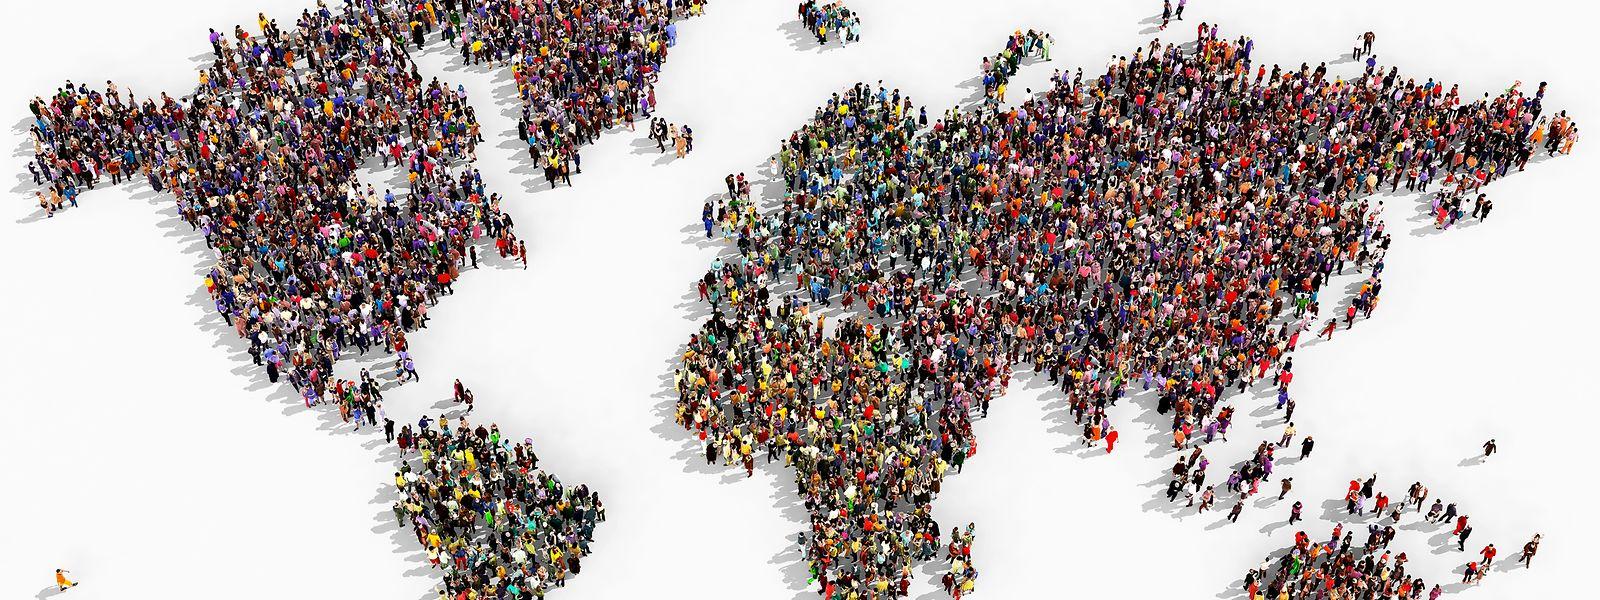 Bis wohin kann die Weltbevölkerung weiter wachsen?